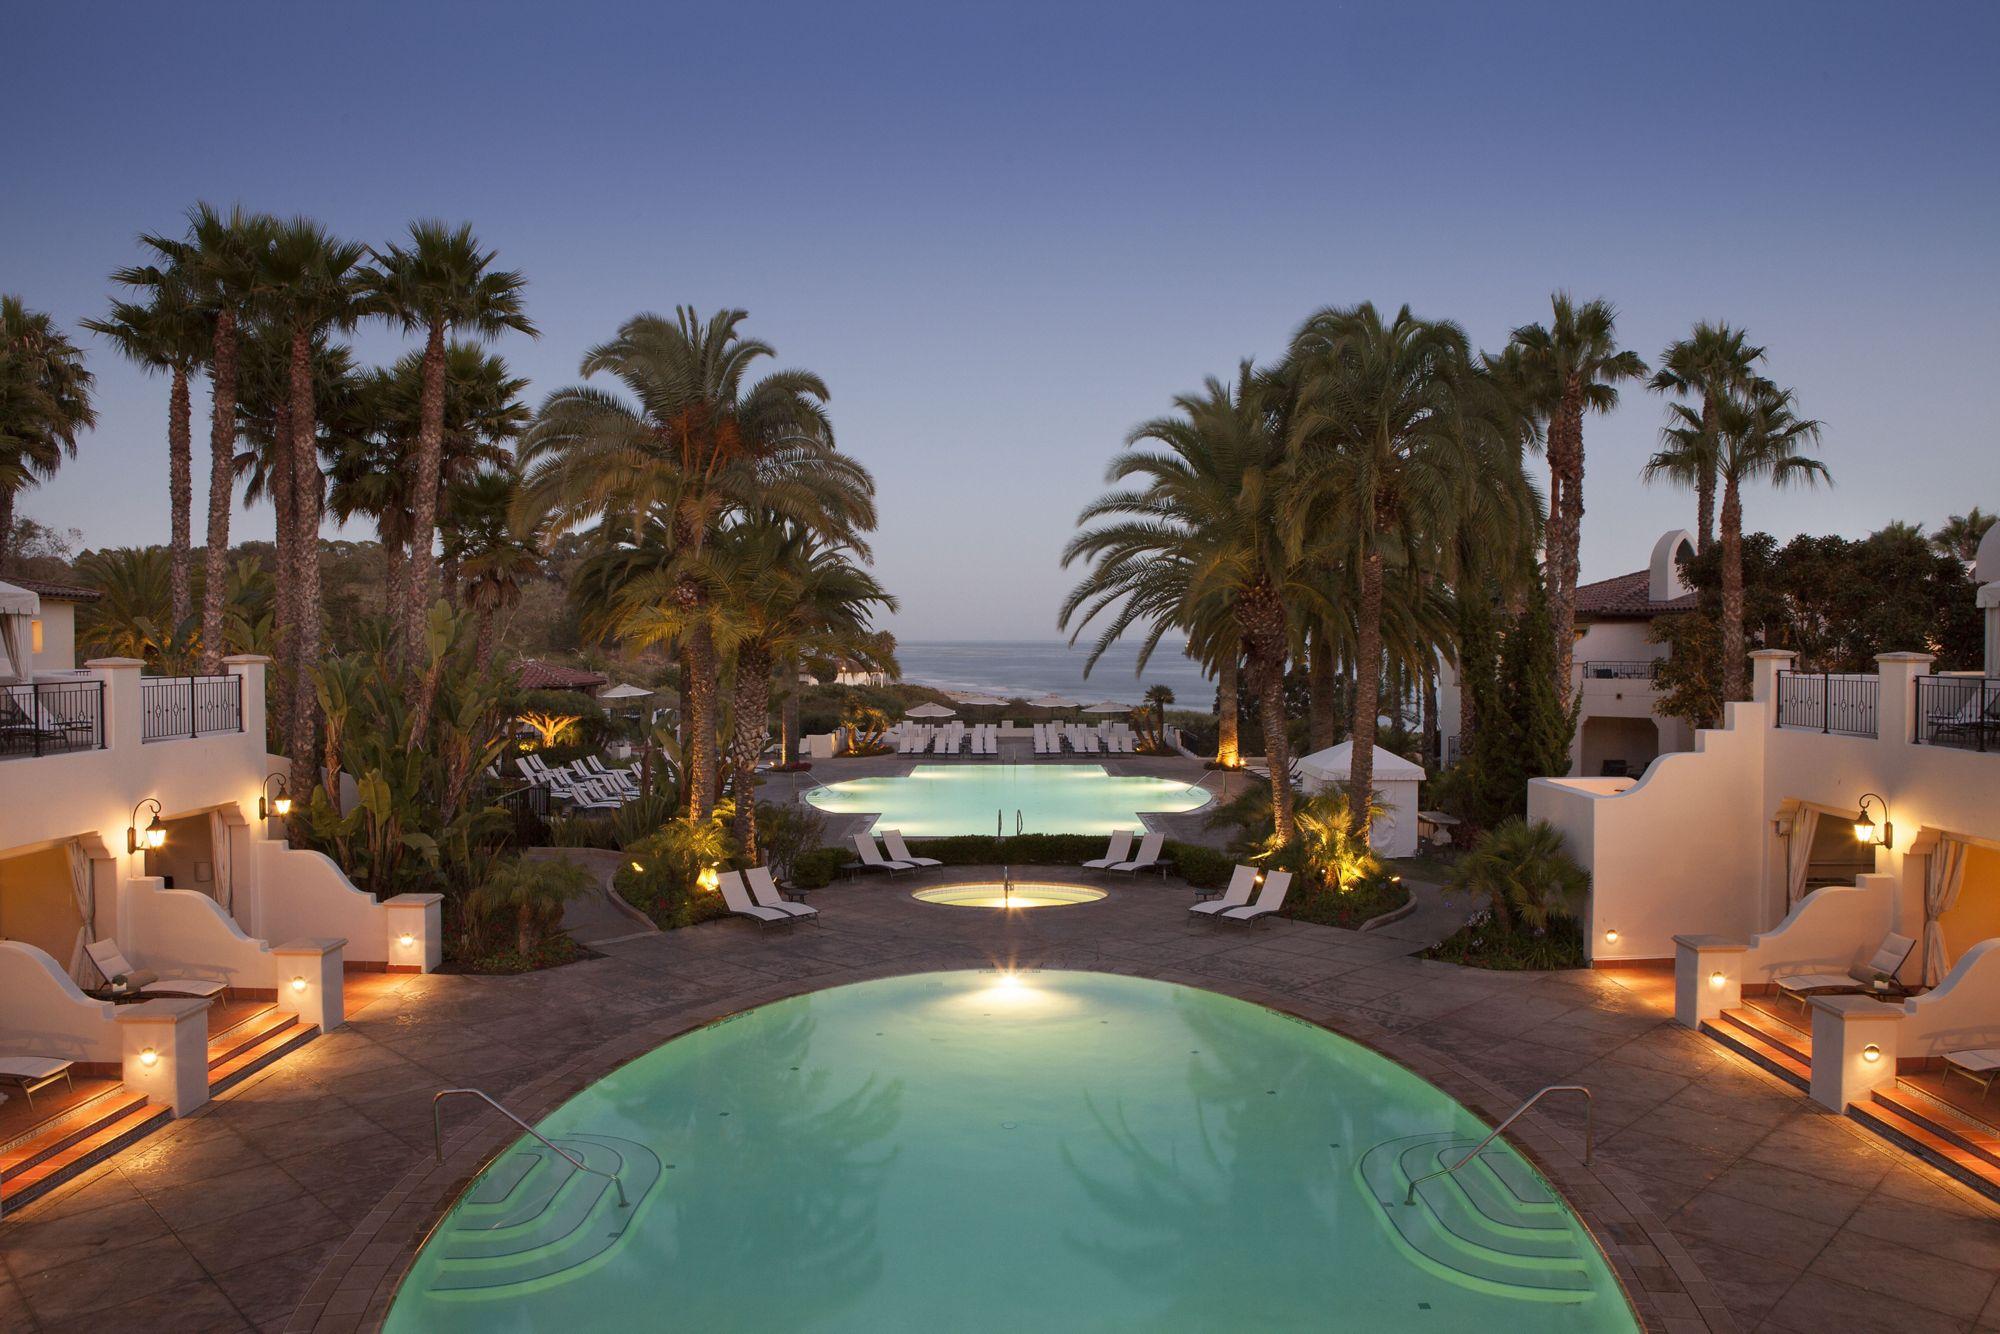 Bacara Resort Pool Sunset.jpg